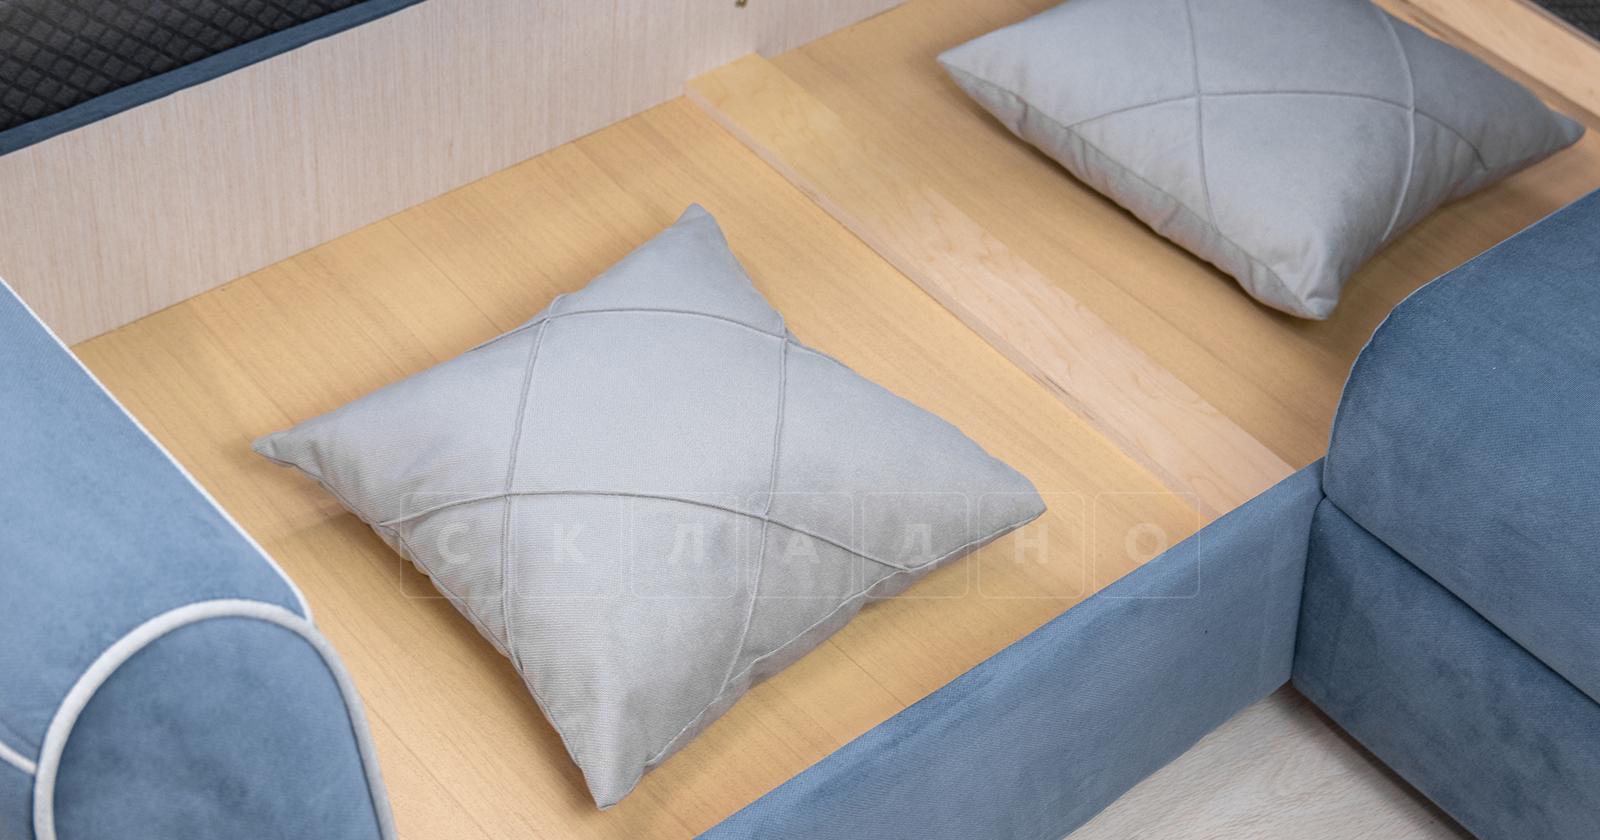 Диван-кровать угловой Флэтфорд серо-синий фото 16 | интернет-магазин Складно